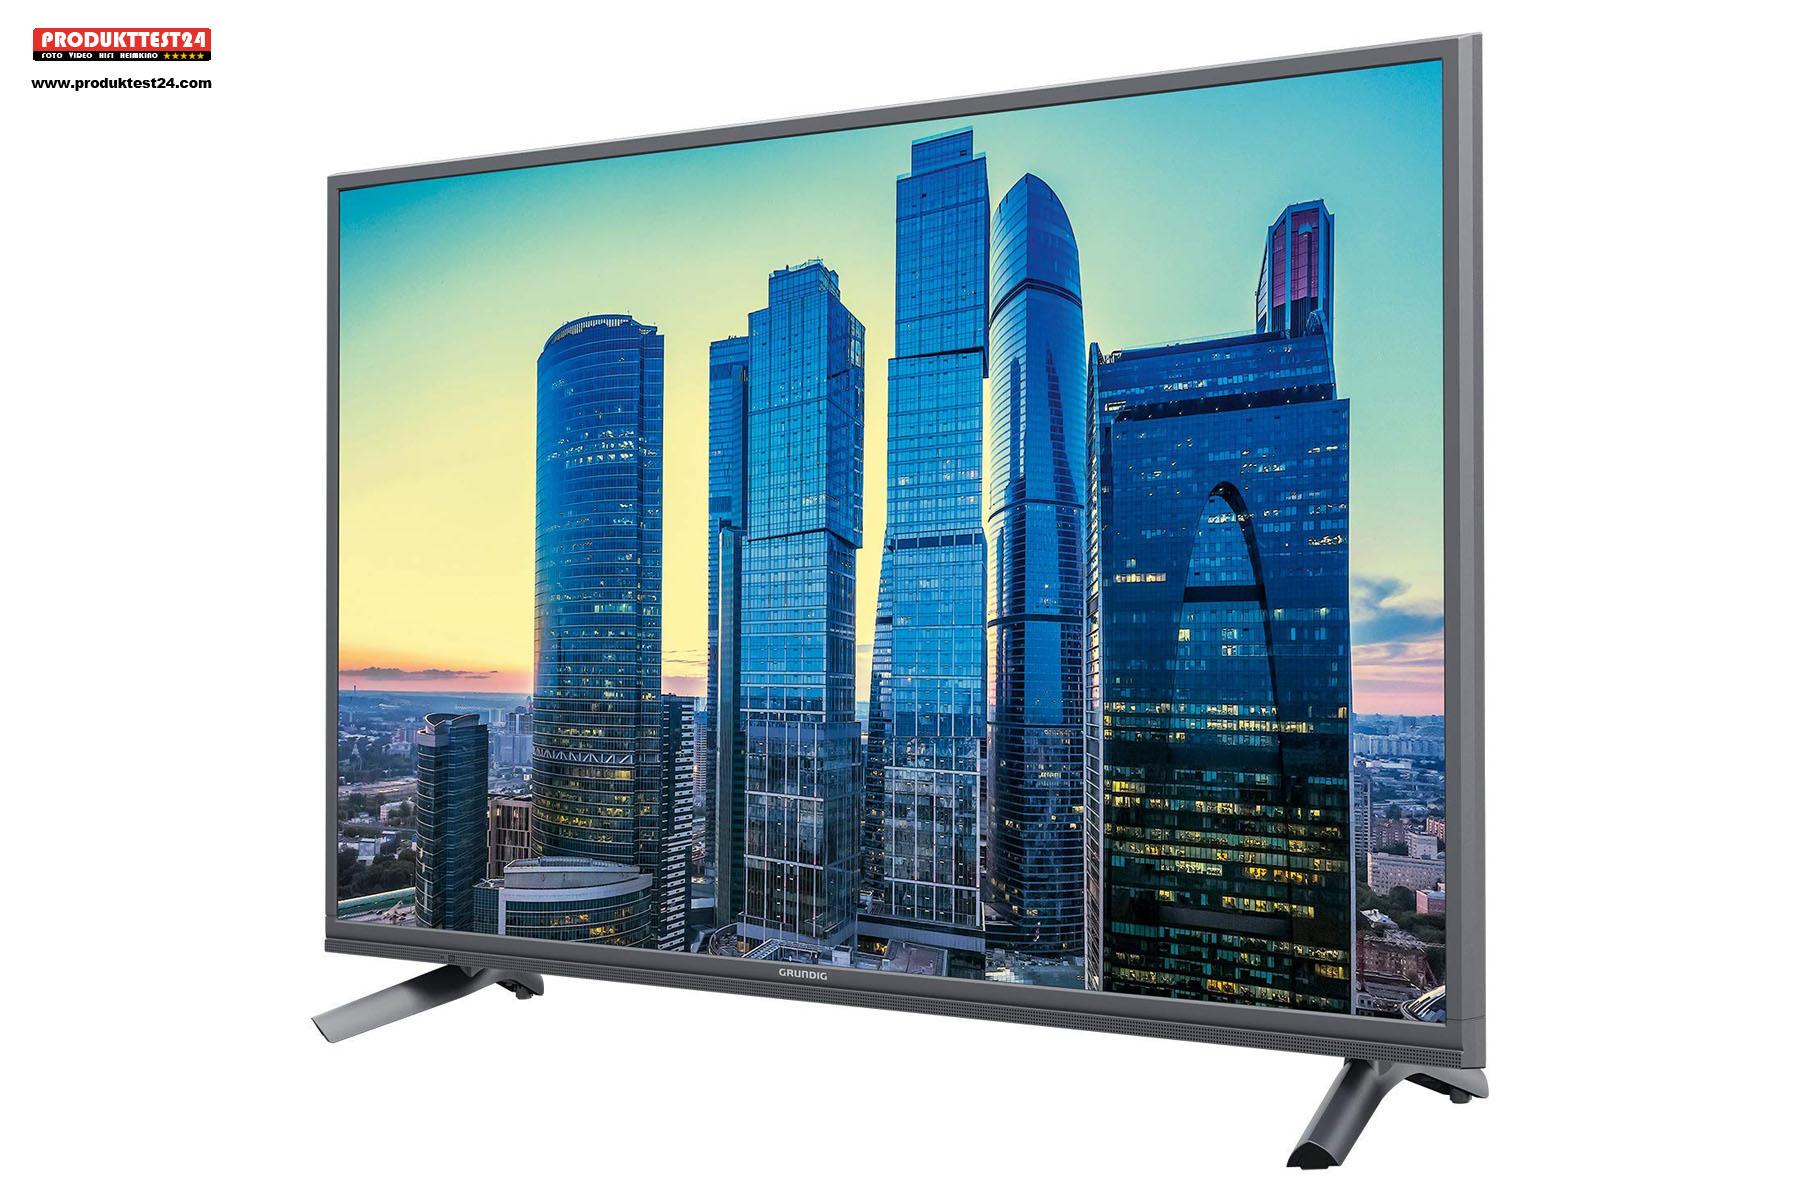 49 Zoll Ultra HD Fernseher